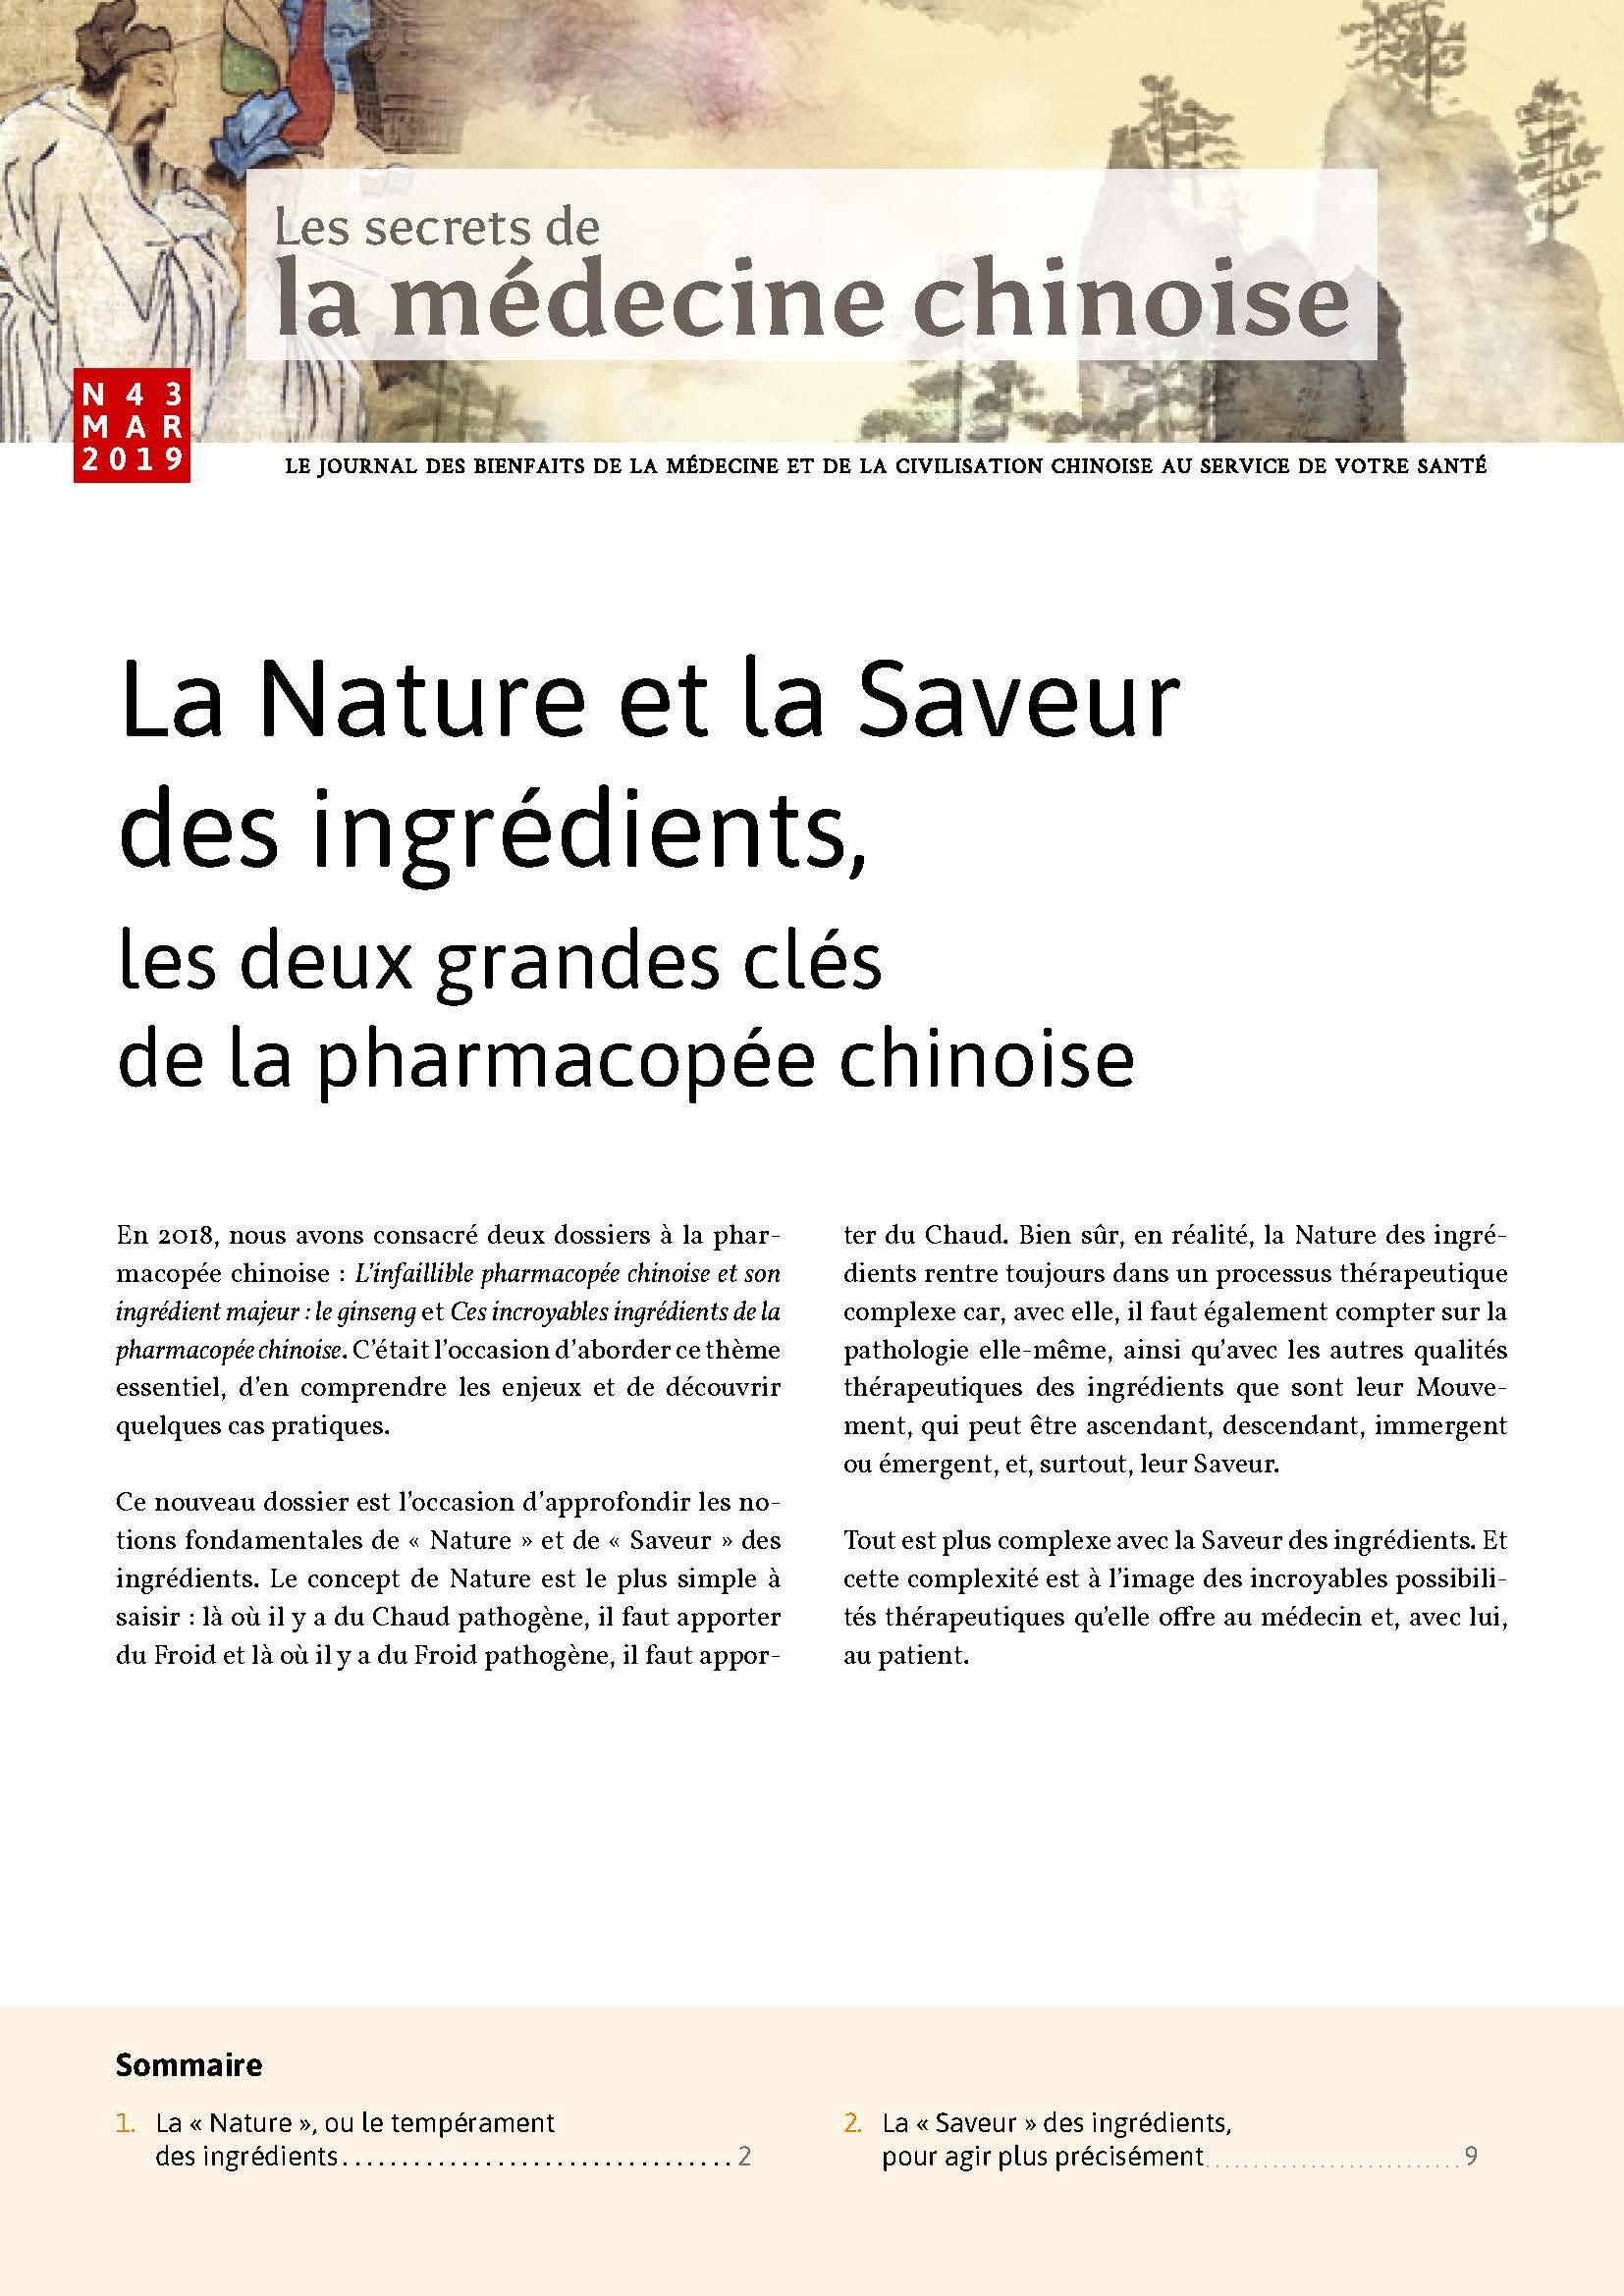 43-Mars-2019-La-nature-et-la-saveur-des-ingredients-les-deux-grandes-cles-de-la-pharmacopee-chinoise-SD